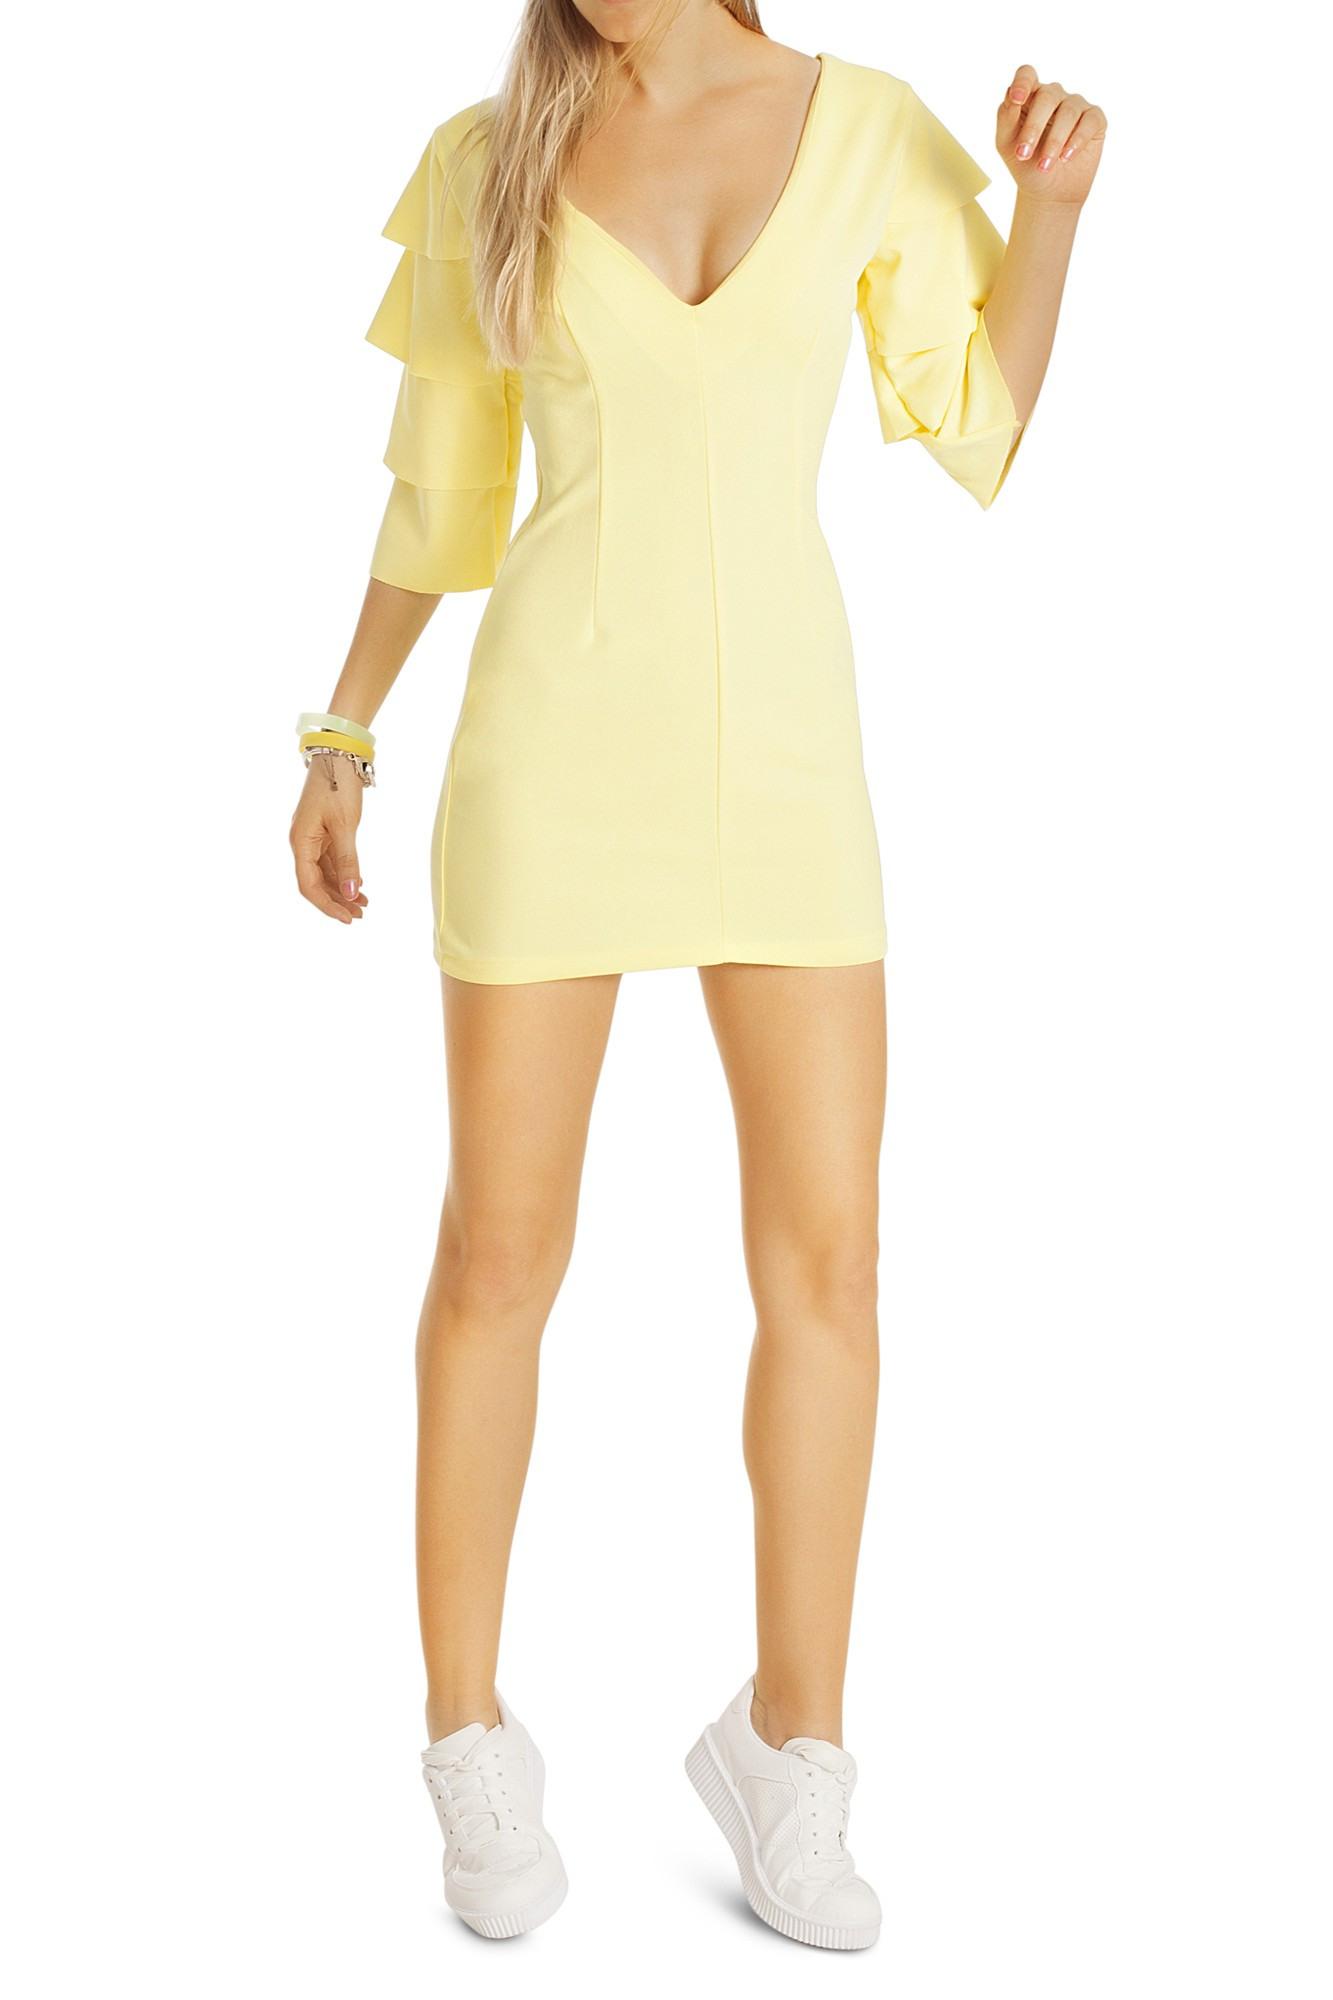 Einzigartig Kleid Damen Kurz VertriebAbend Ausgezeichnet Kleid Damen Kurz für 2019